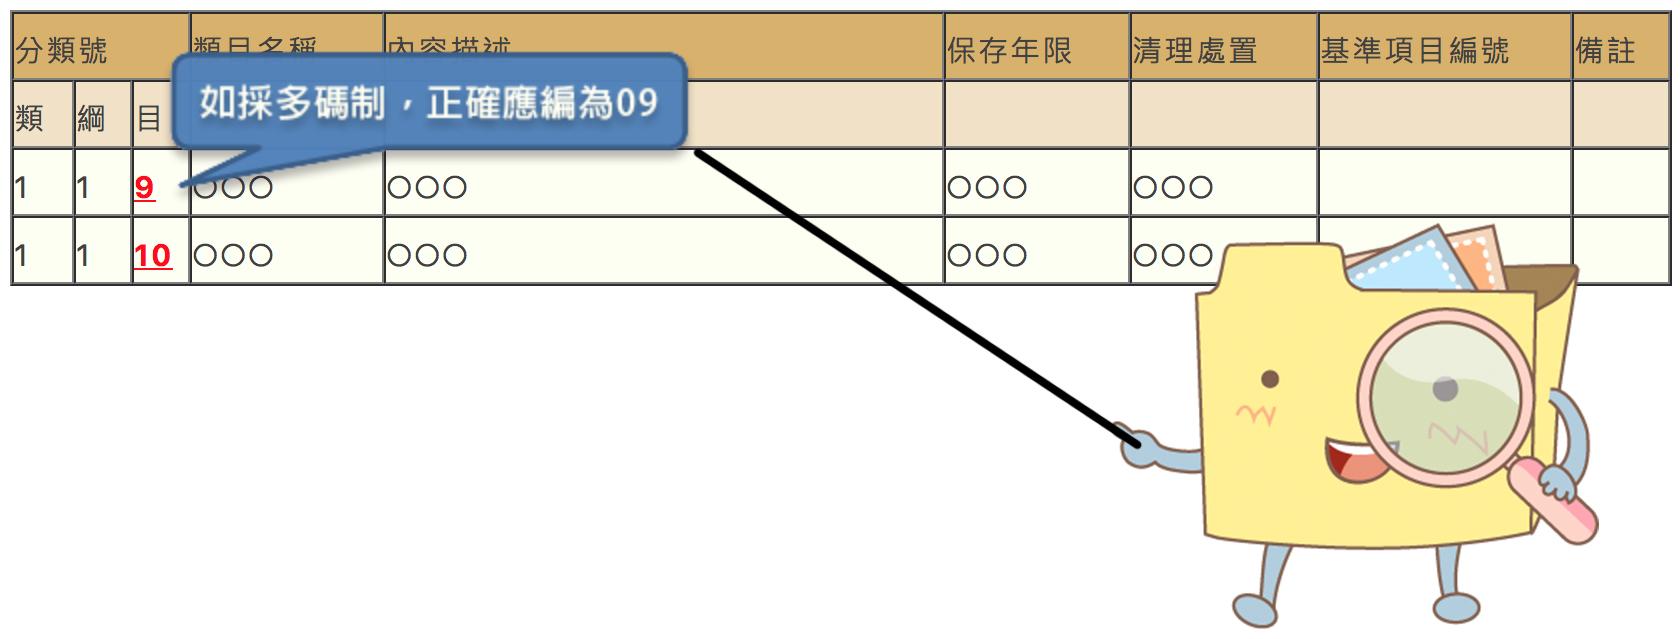 清理處置方式示意圖 圖片出處:機關共通性檔案保存年限基準(GRS)運用指引壹、二、(二)基準表內容